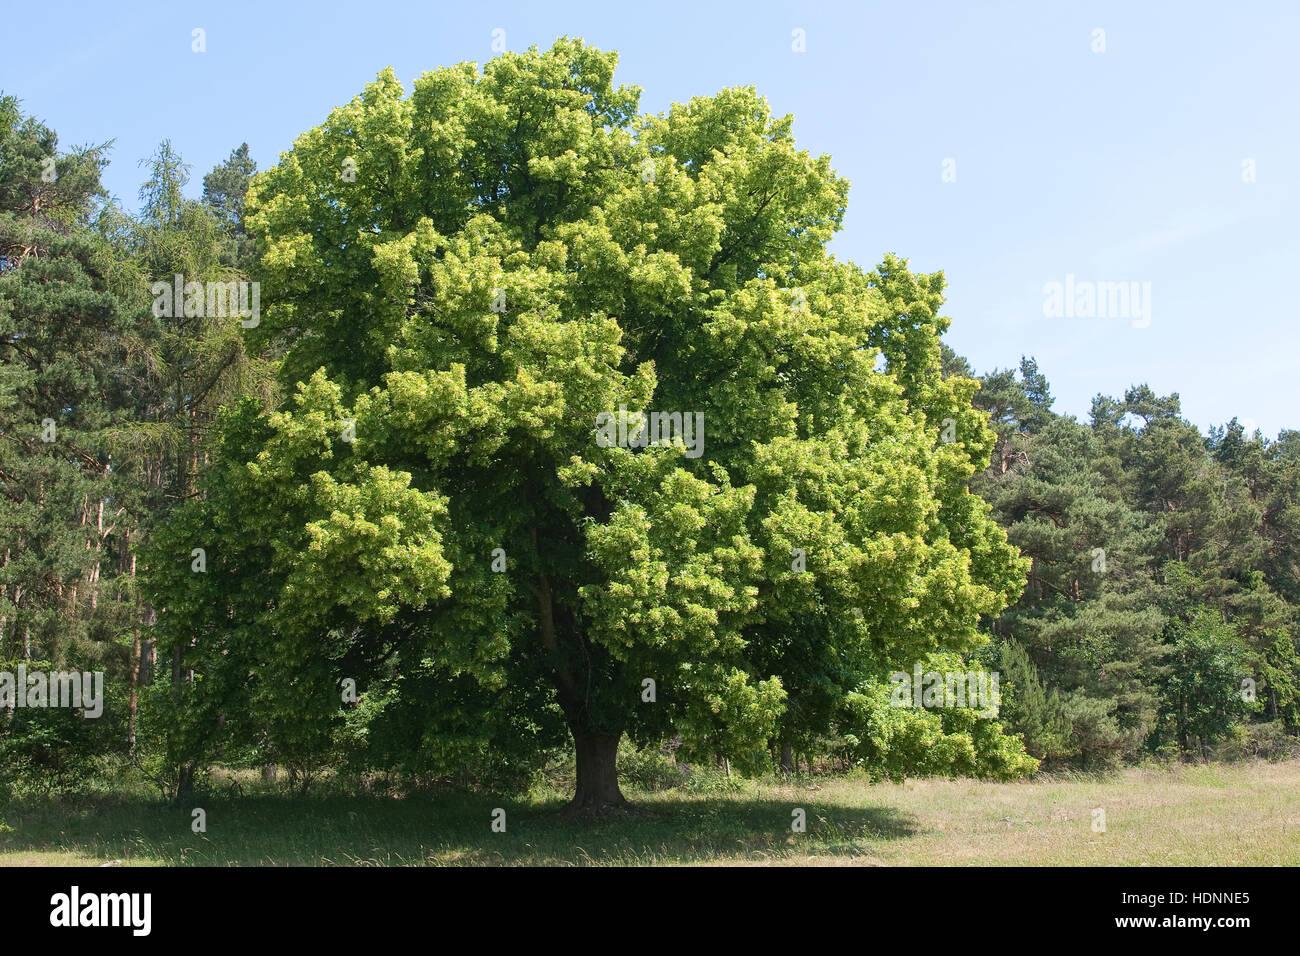 Sommer-Linde, Sommerlinde, Linde, Tilia platyphyllos, Large Leaved Lime Stock Photo